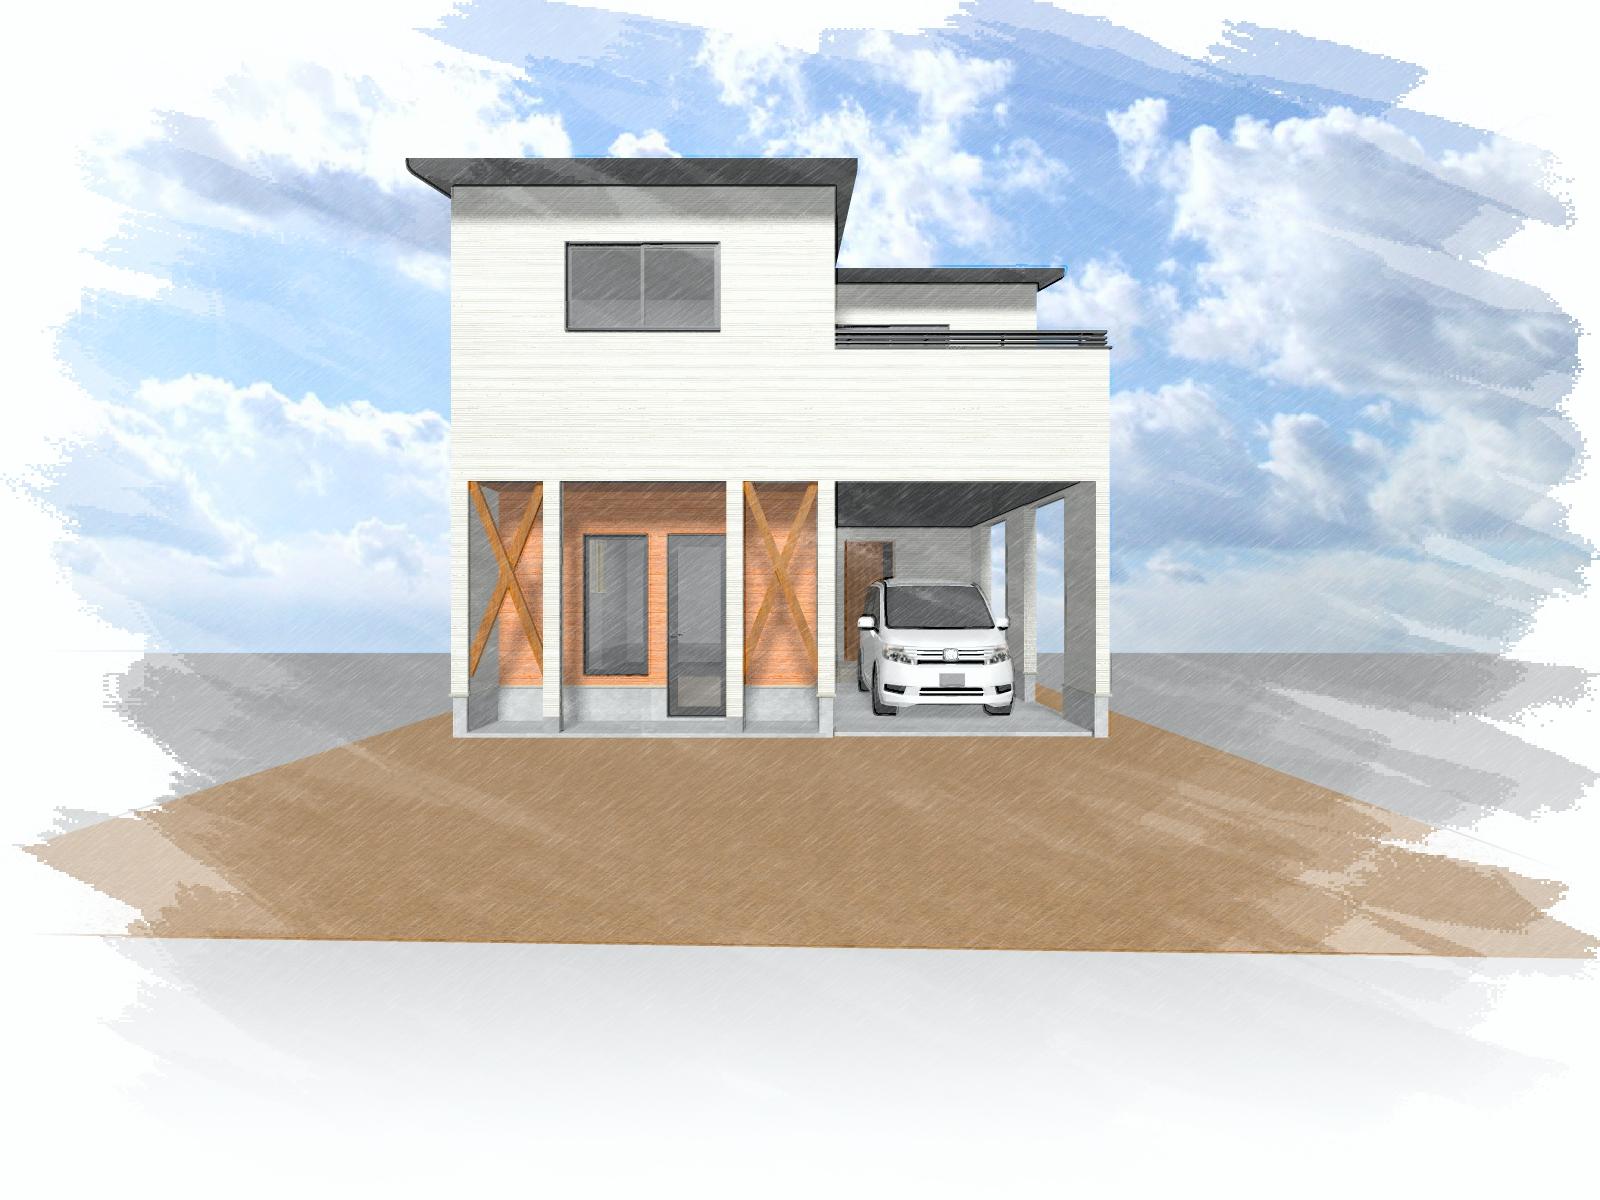 大分市古ケ鶴(牧駅)店舗付き新築一戸建て建売住宅 2階建て3LDK 外観イメージ